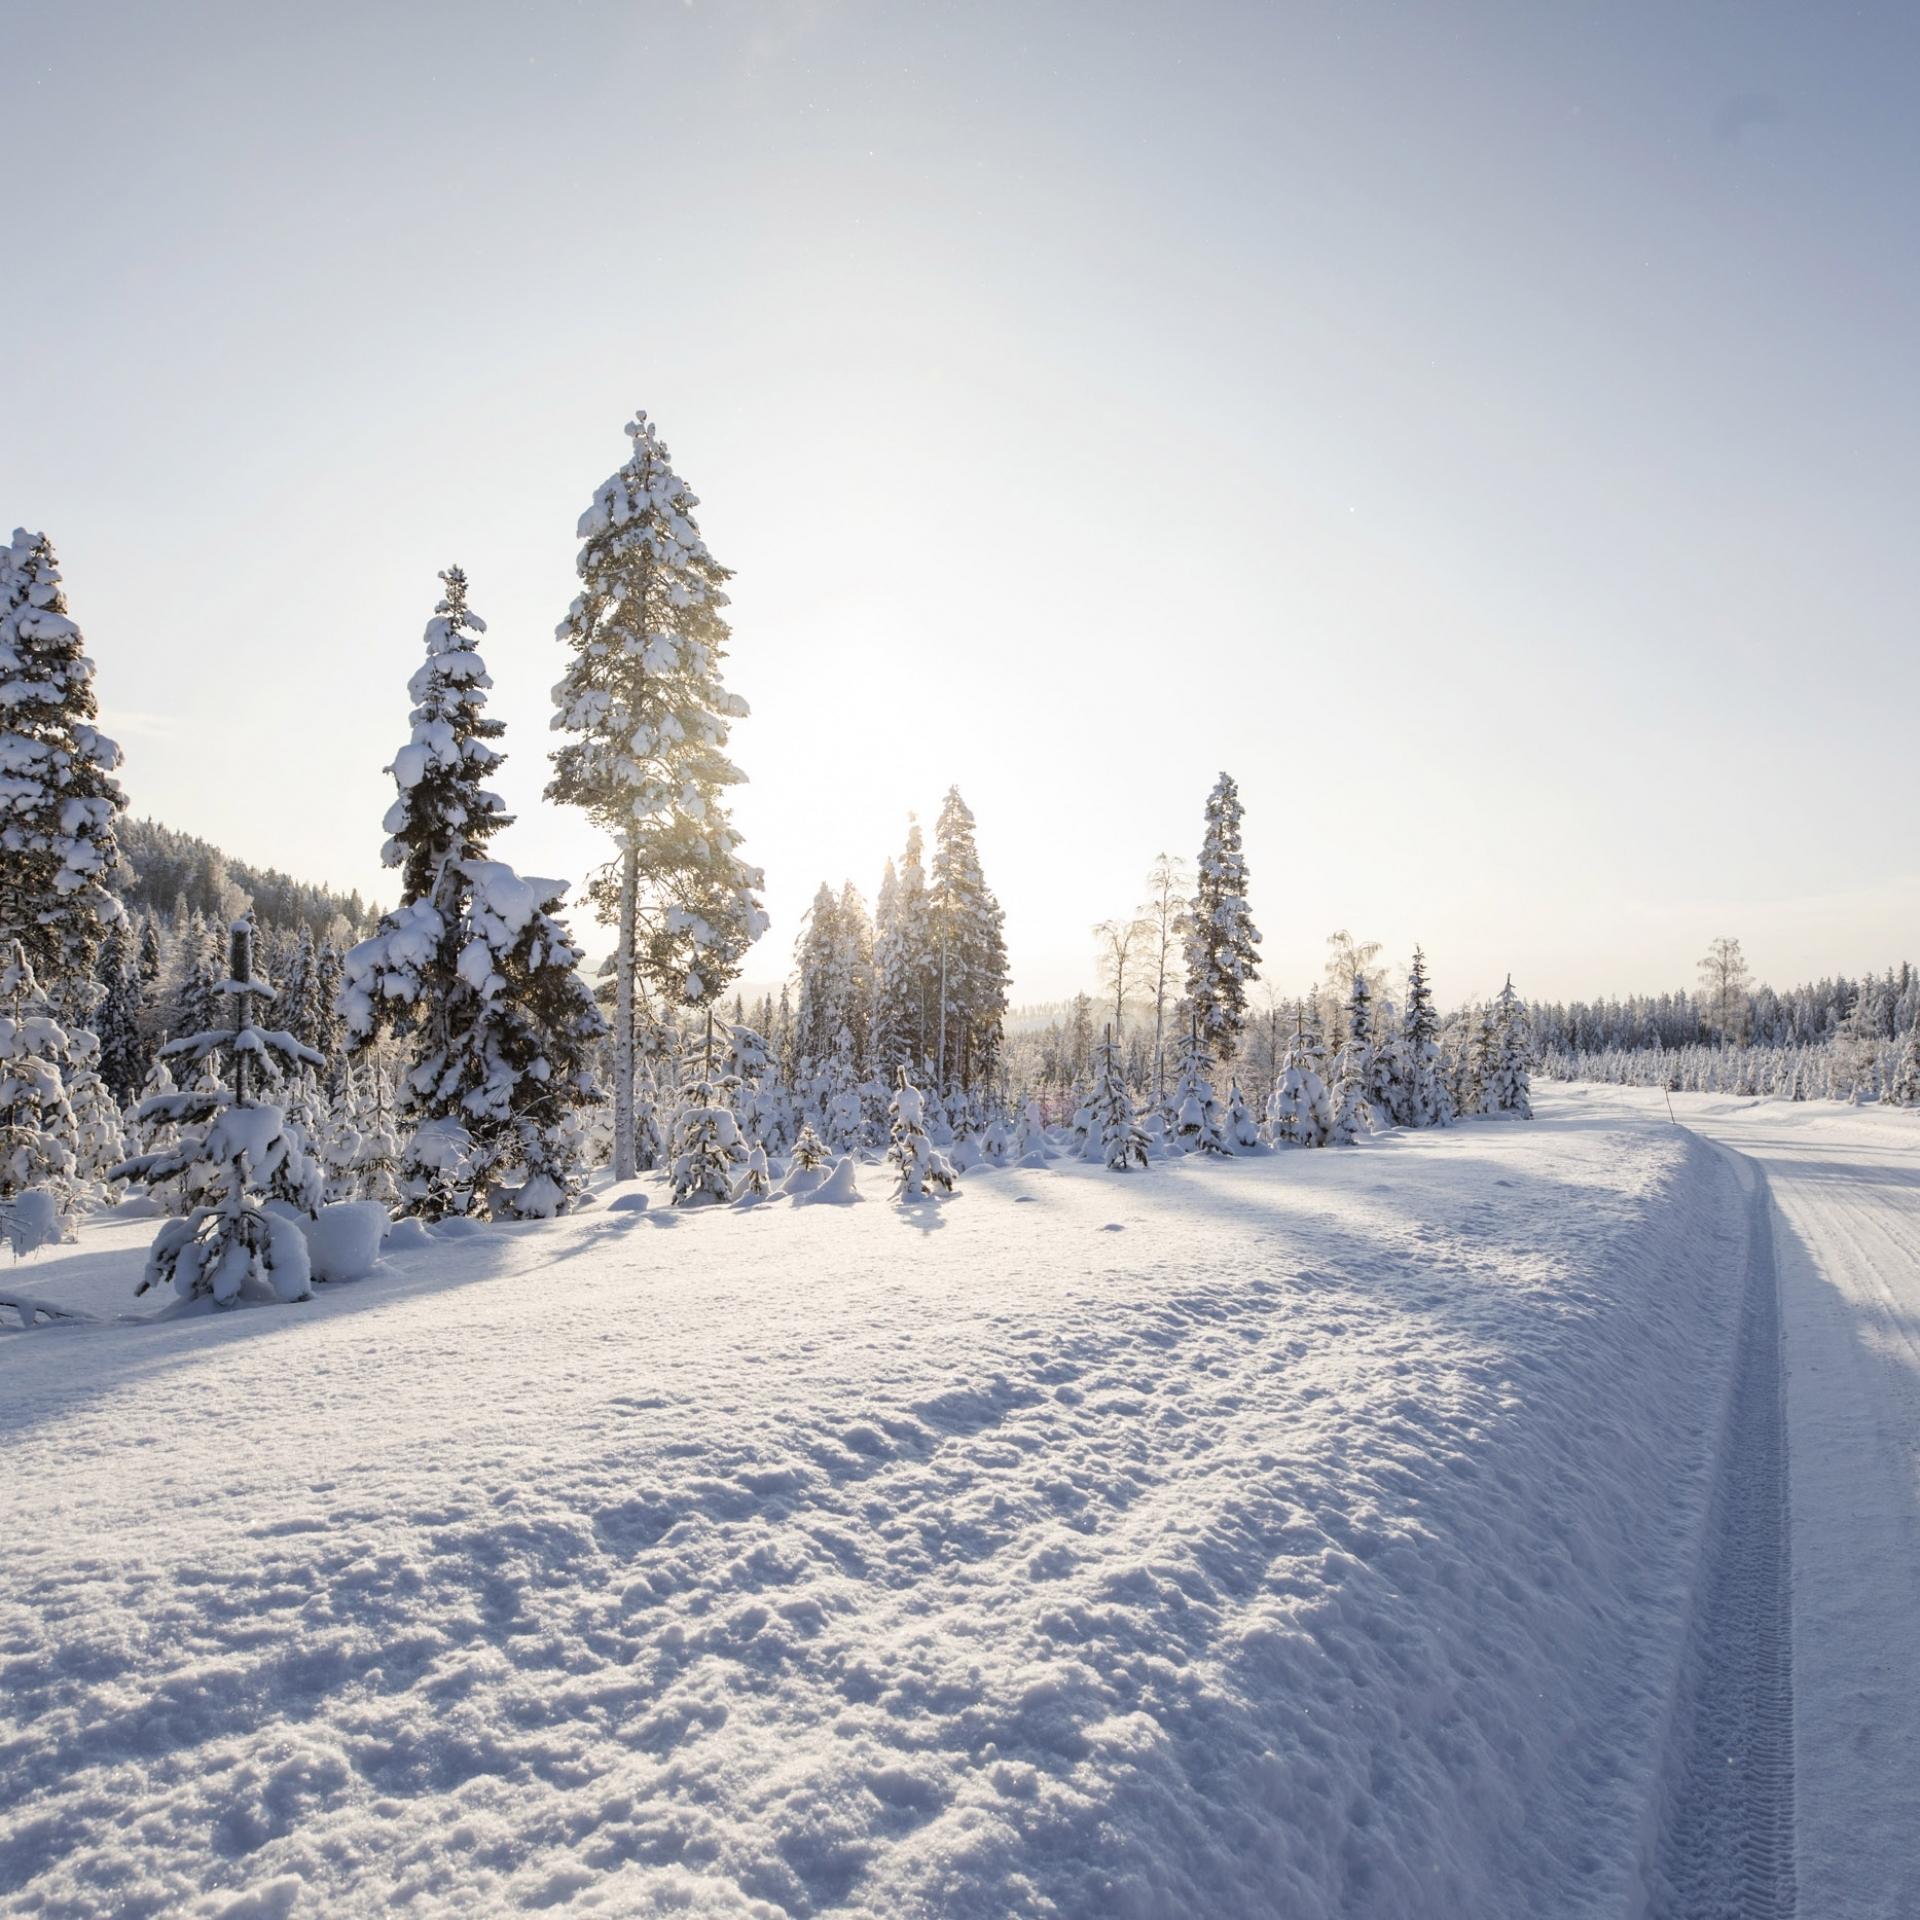 Blende schließen für hohe Schärfentiefe, Winterfotografie